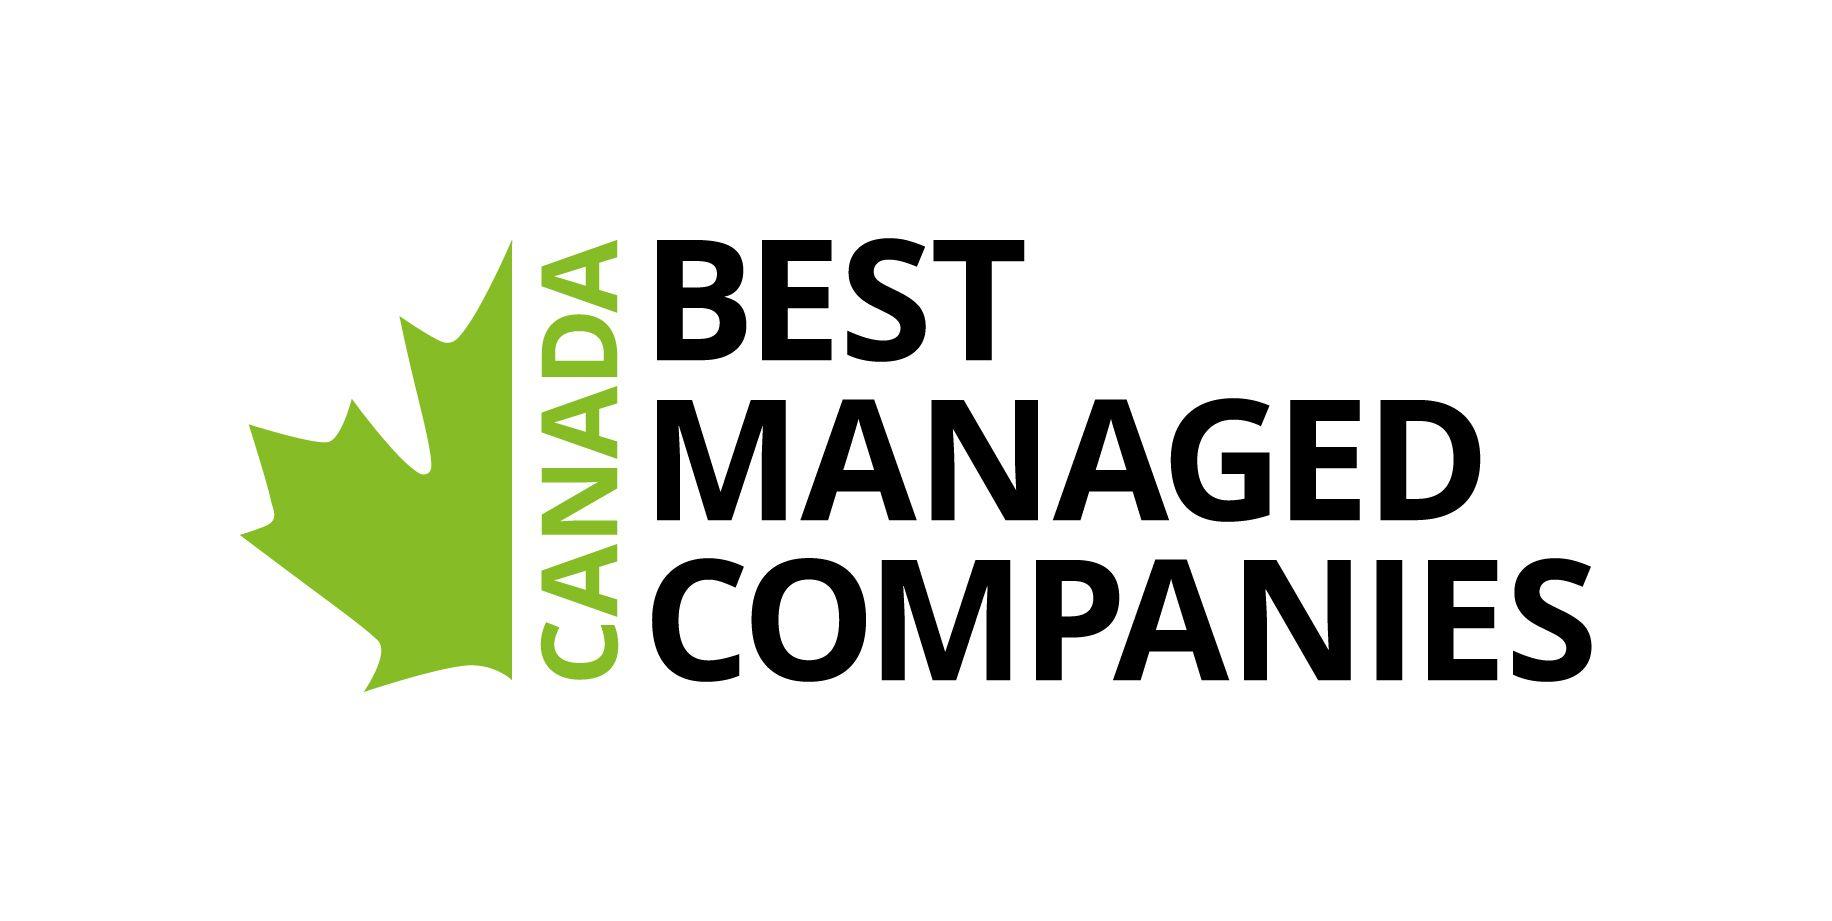 Best Managed